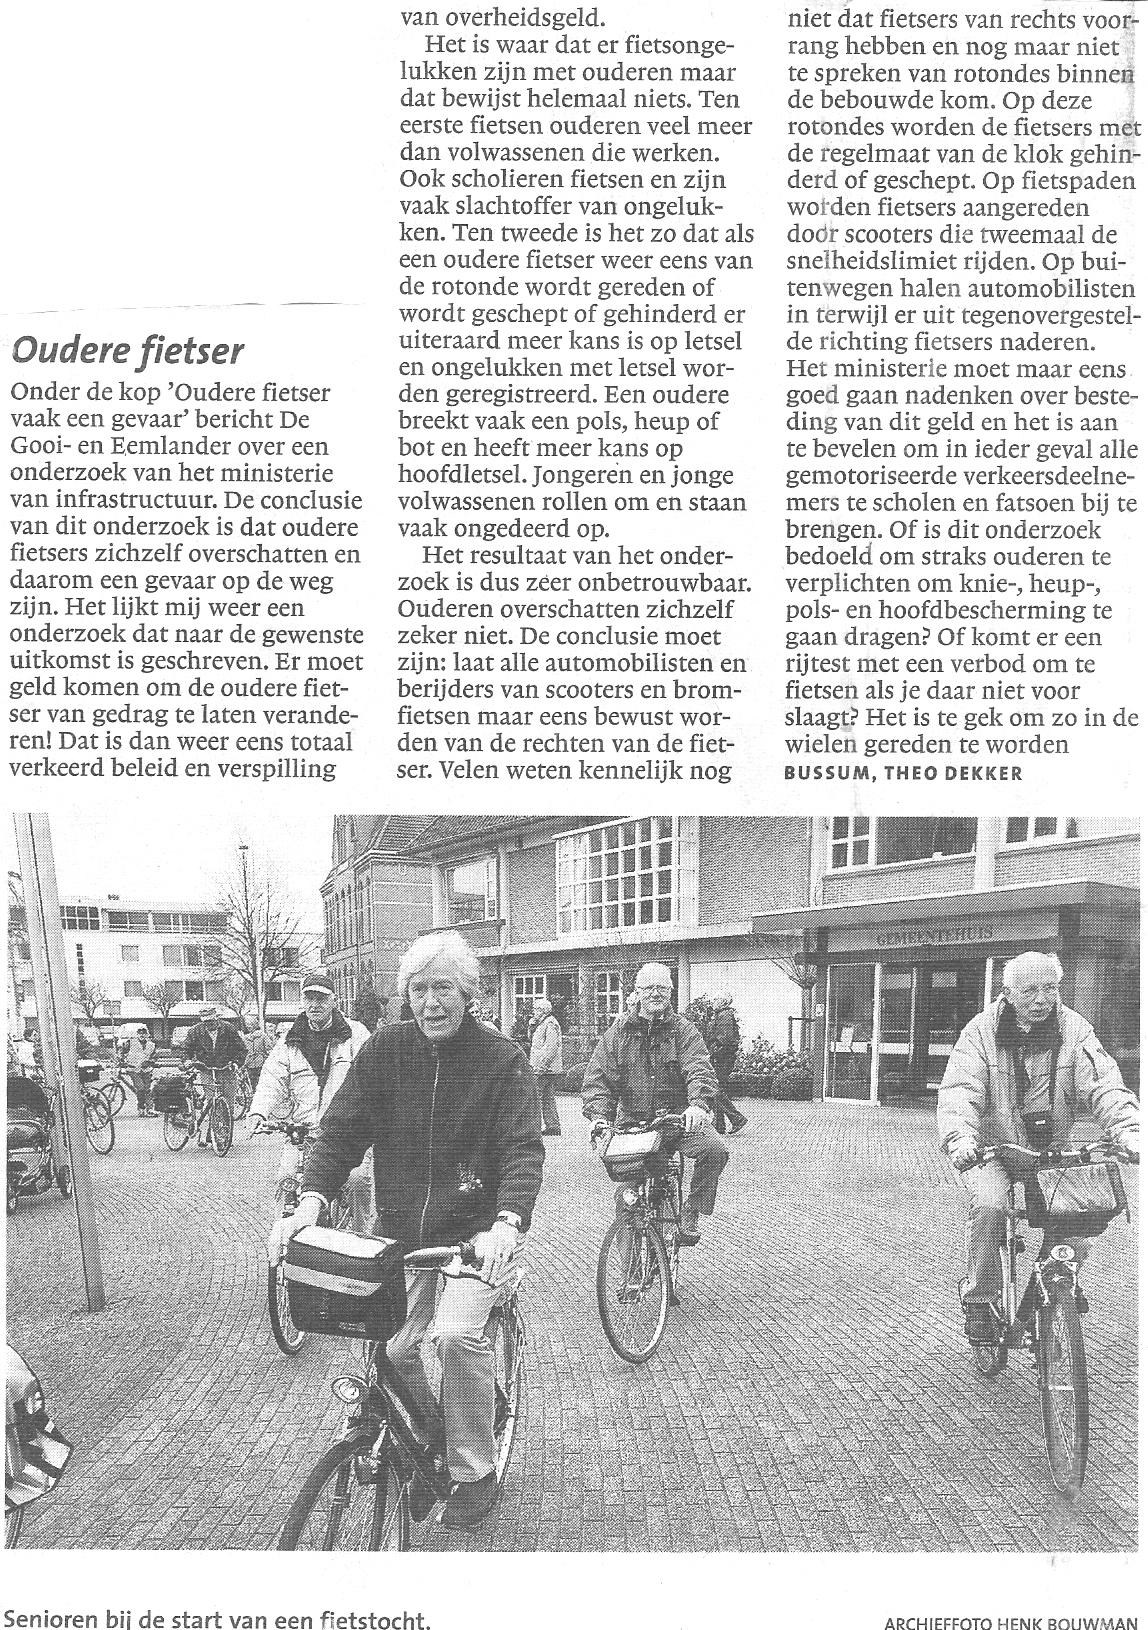 Ouderen_op_de_fiets